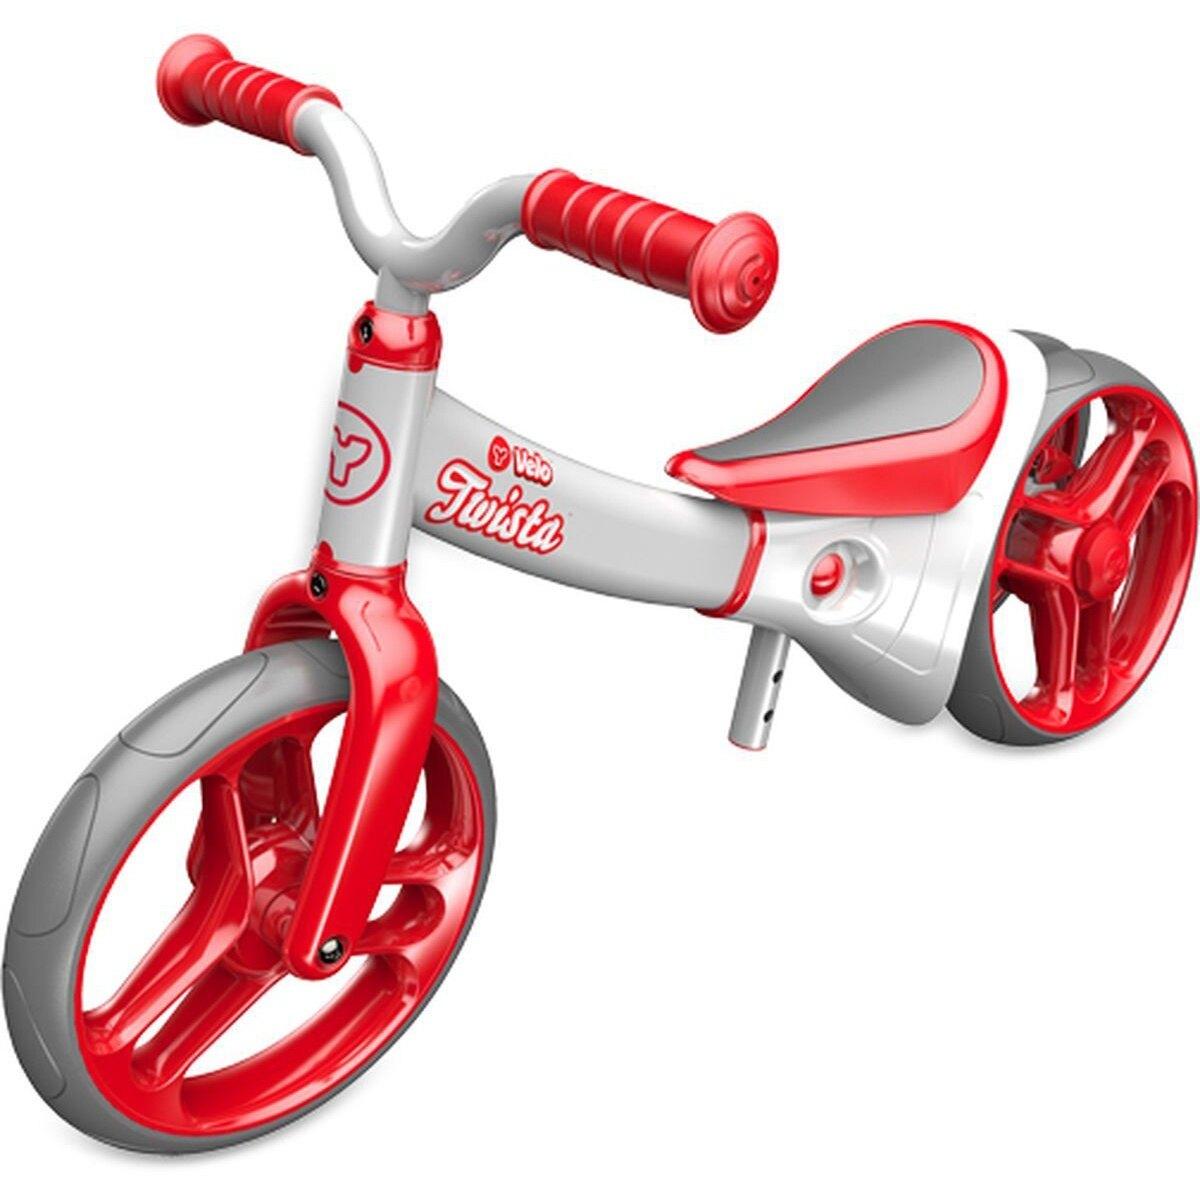 【加贈大禮包】YVolution Velo Twista 平衡滑步車-扭輪款-紅 *哈樂維台灣總代理*